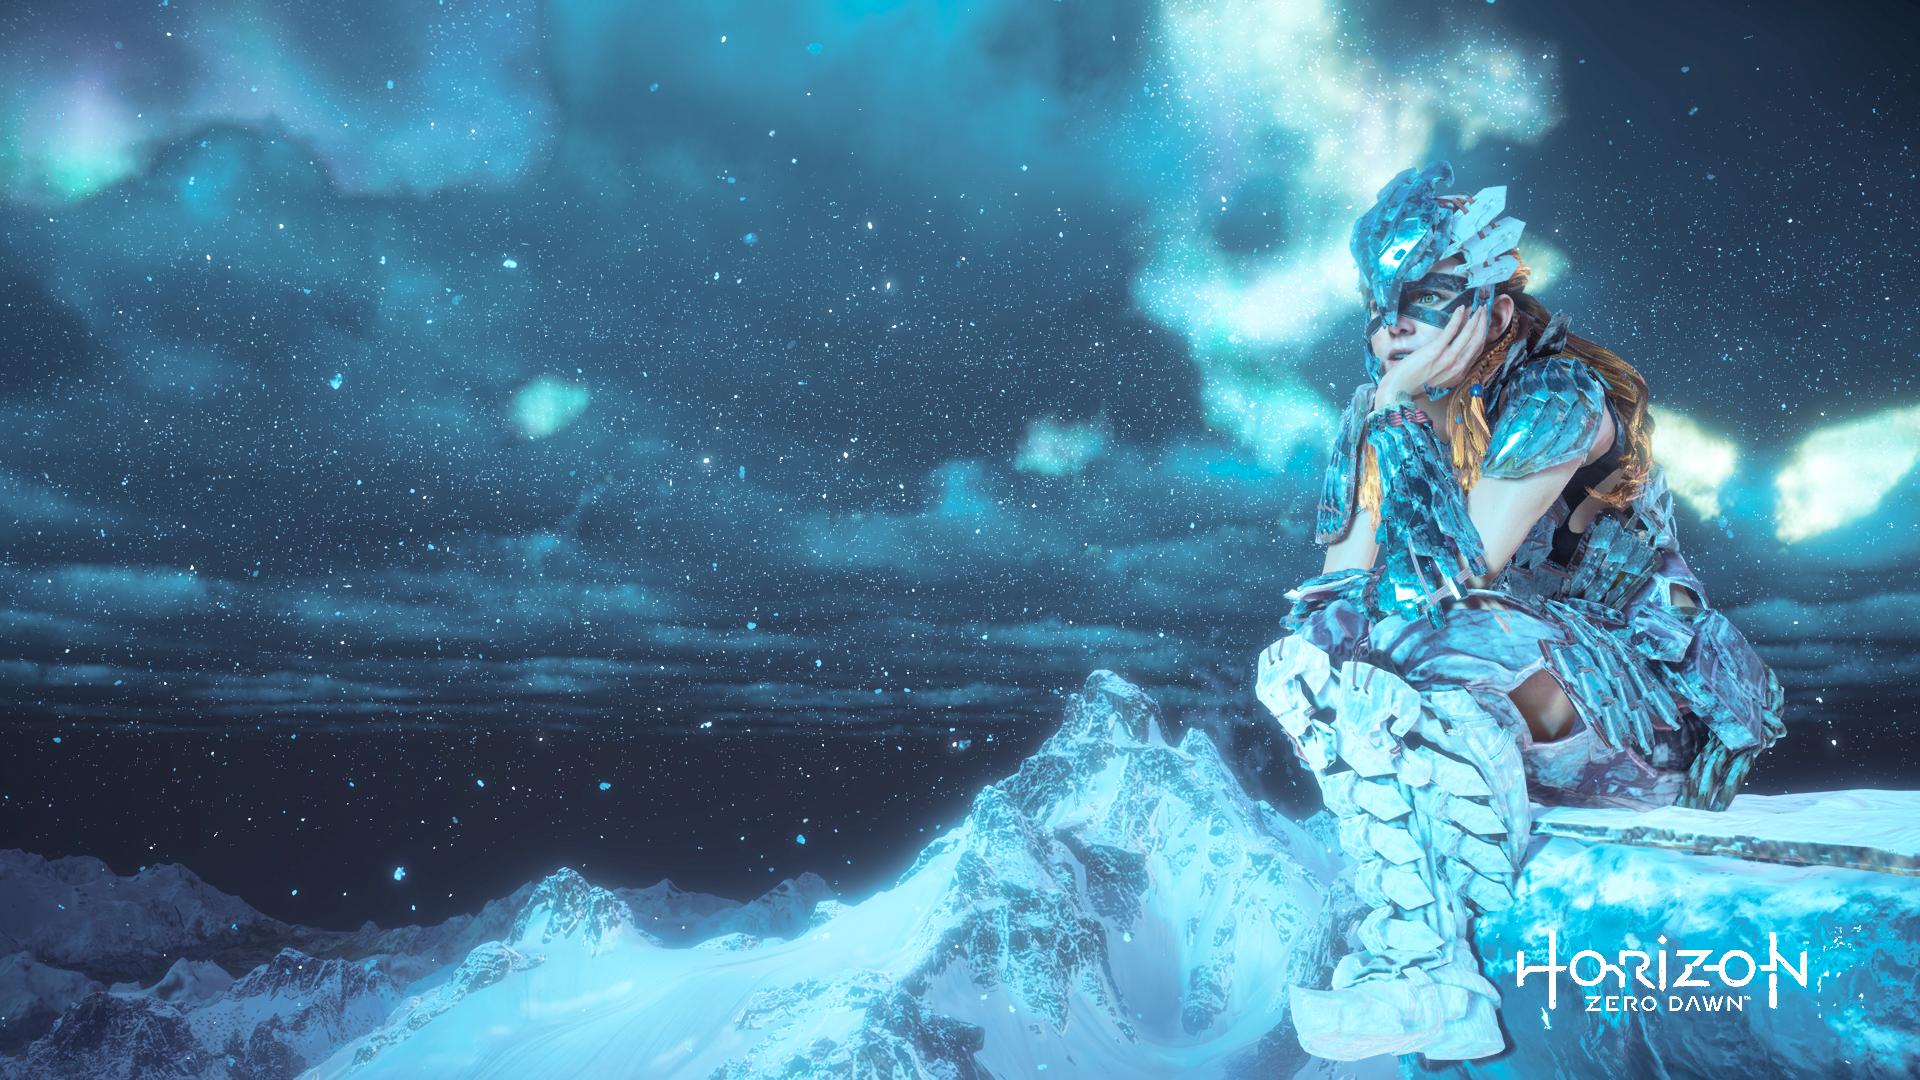 Horizon Zero Dawn Aloy Bow Ultra Hd Desktop Background Wallpaper